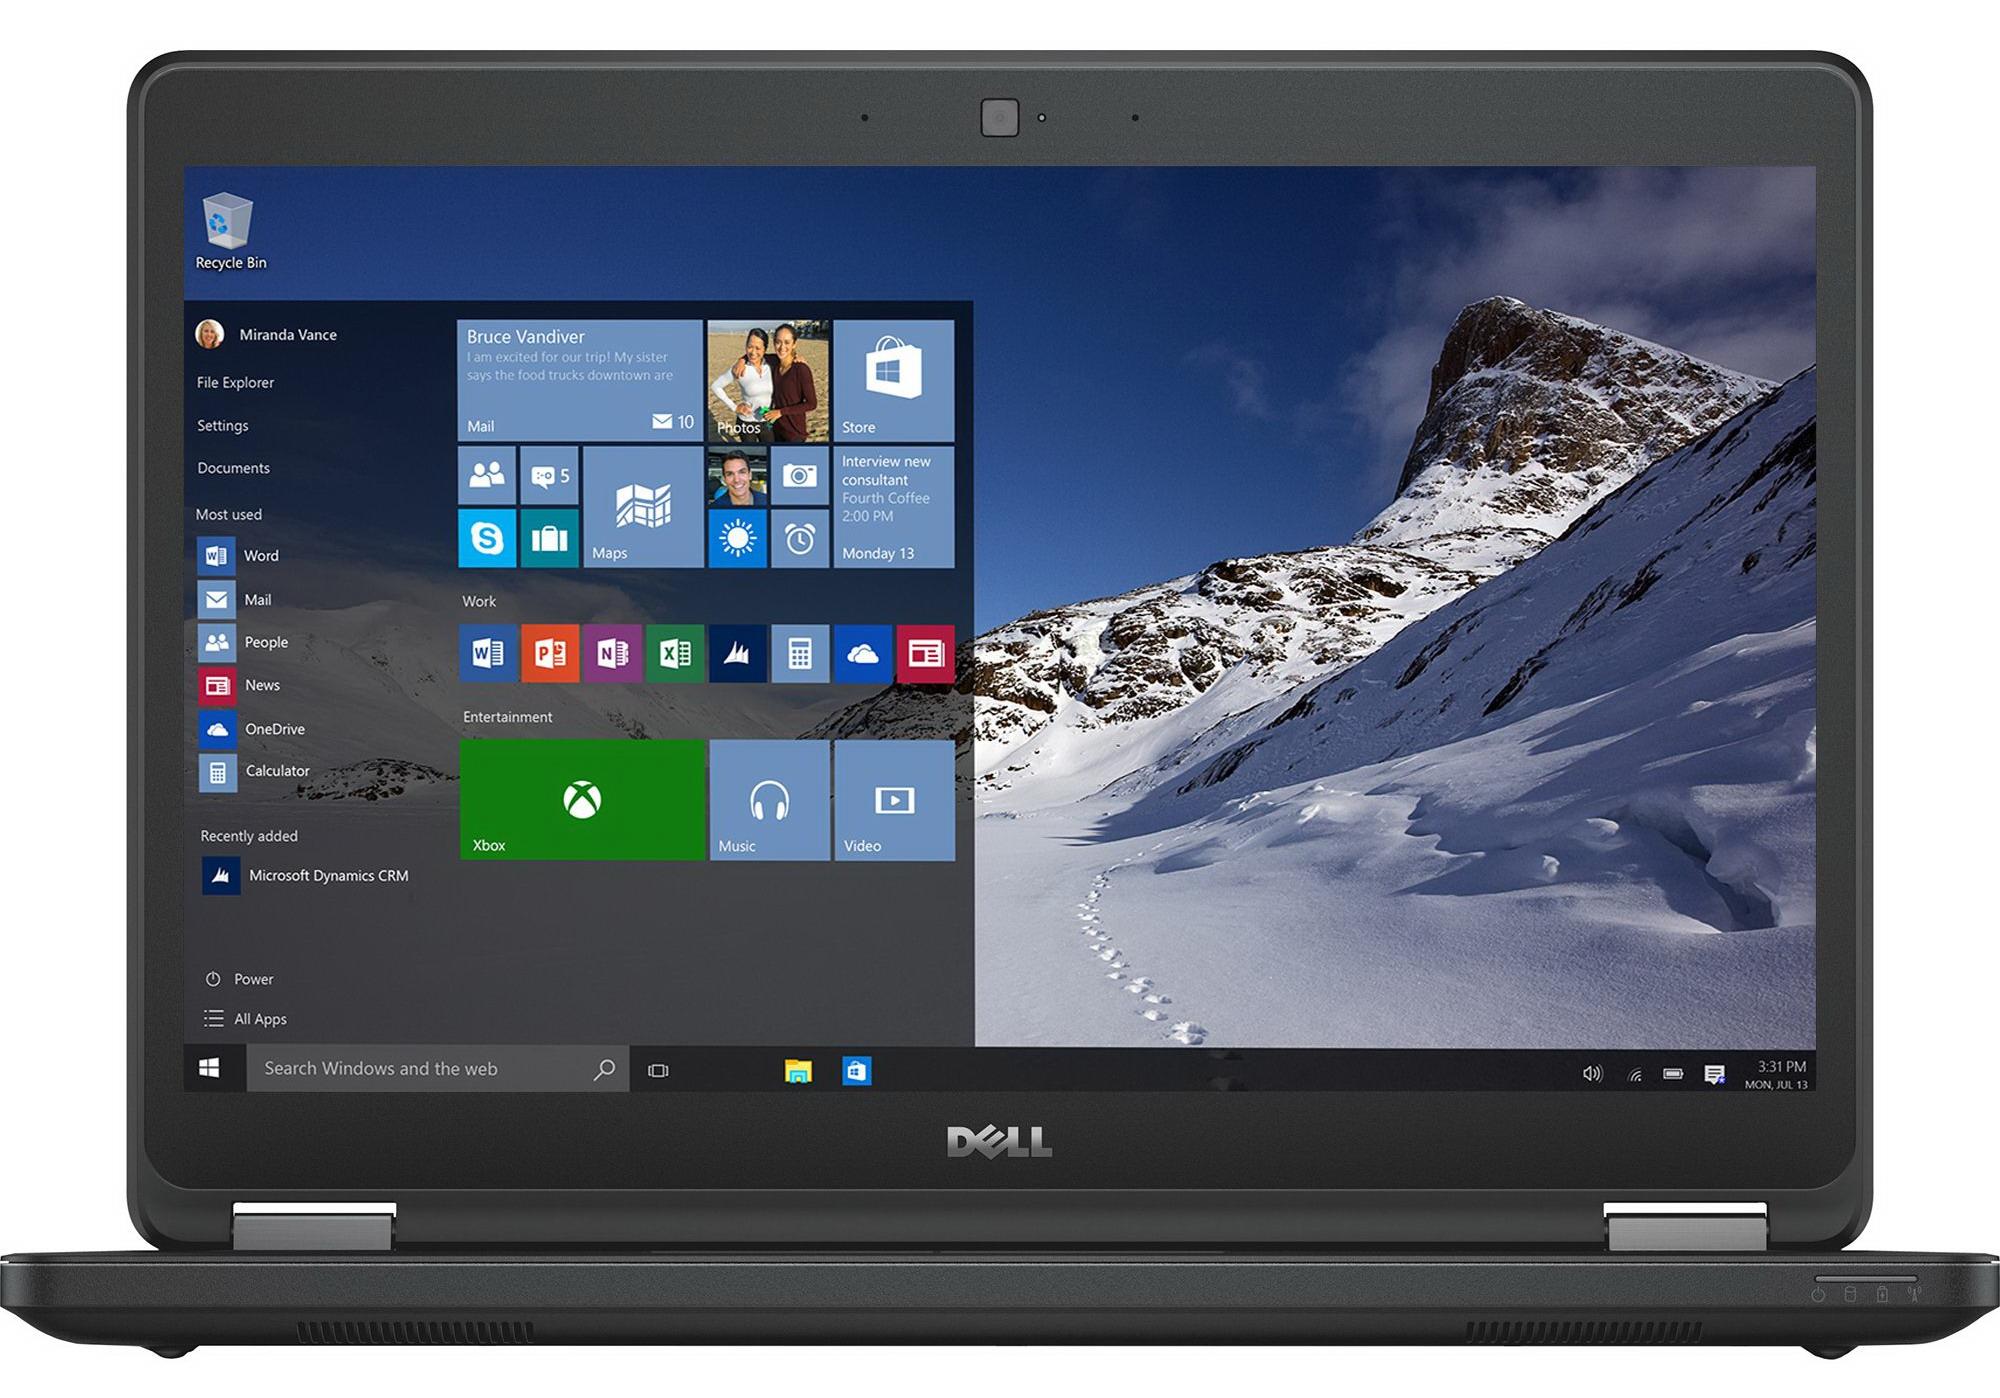 Dell Latitude 14 5000 Series (Model E5450) non-touch notebook computer, codename Houston.